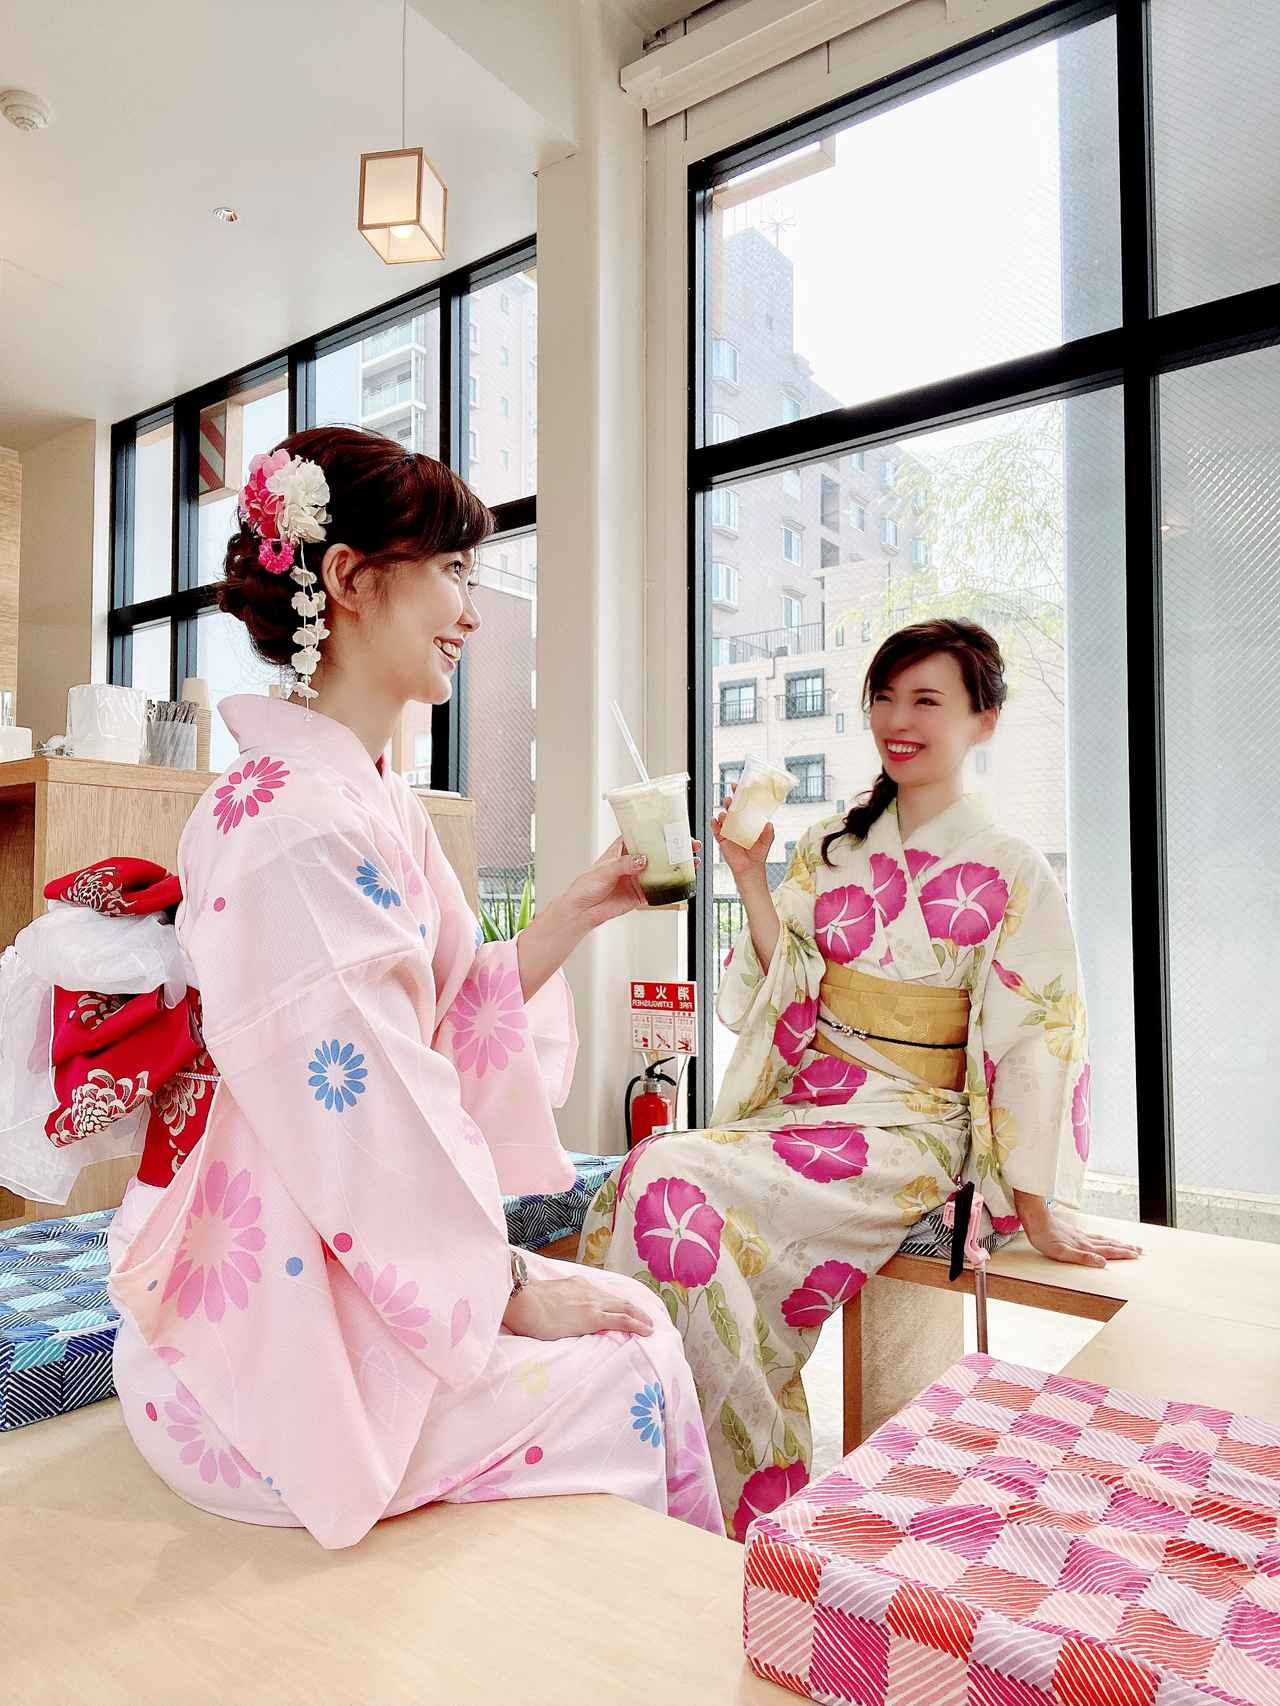 画像3: 【新スポット】フォトスポットいっぱいの「東京ミズマチ」の楽しみ方♡